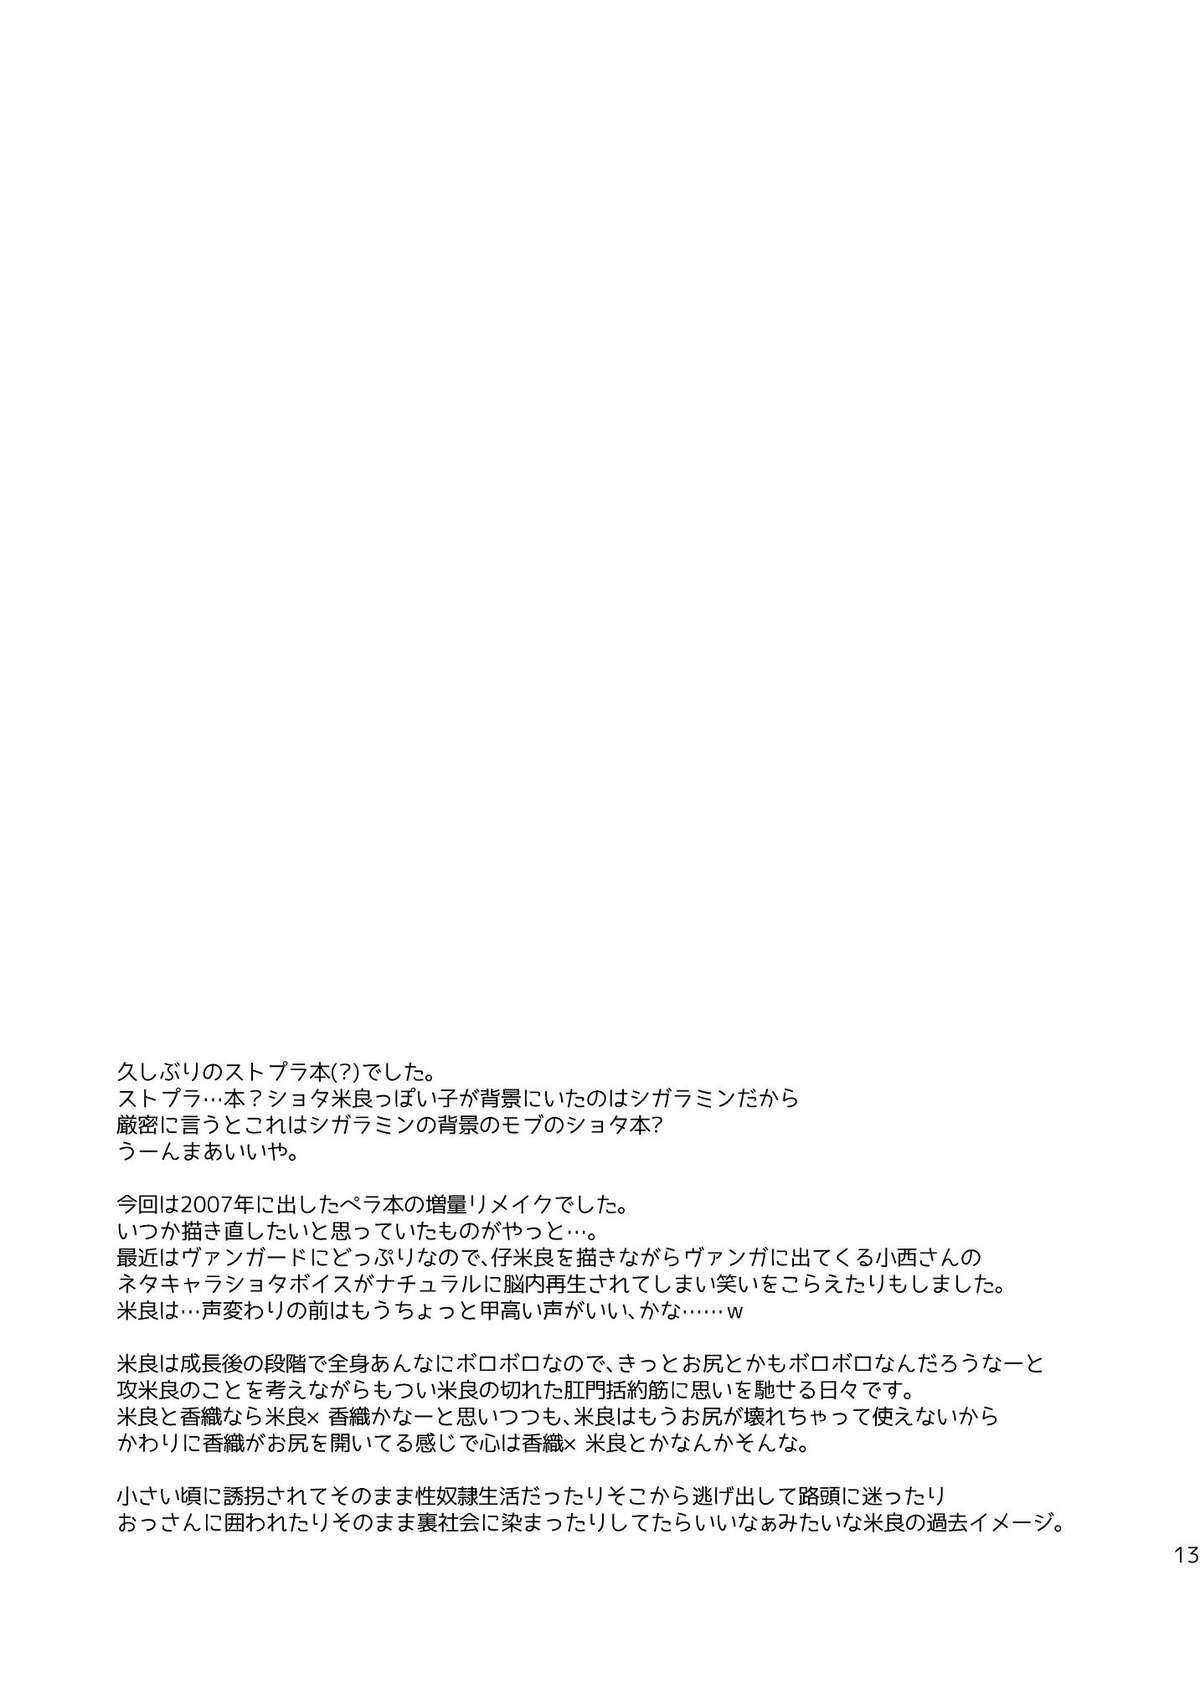 Chicchai Mera ga Namaiki Kawaii node Jitaku ni Mochi kaette Onaho ni Shitemita 12